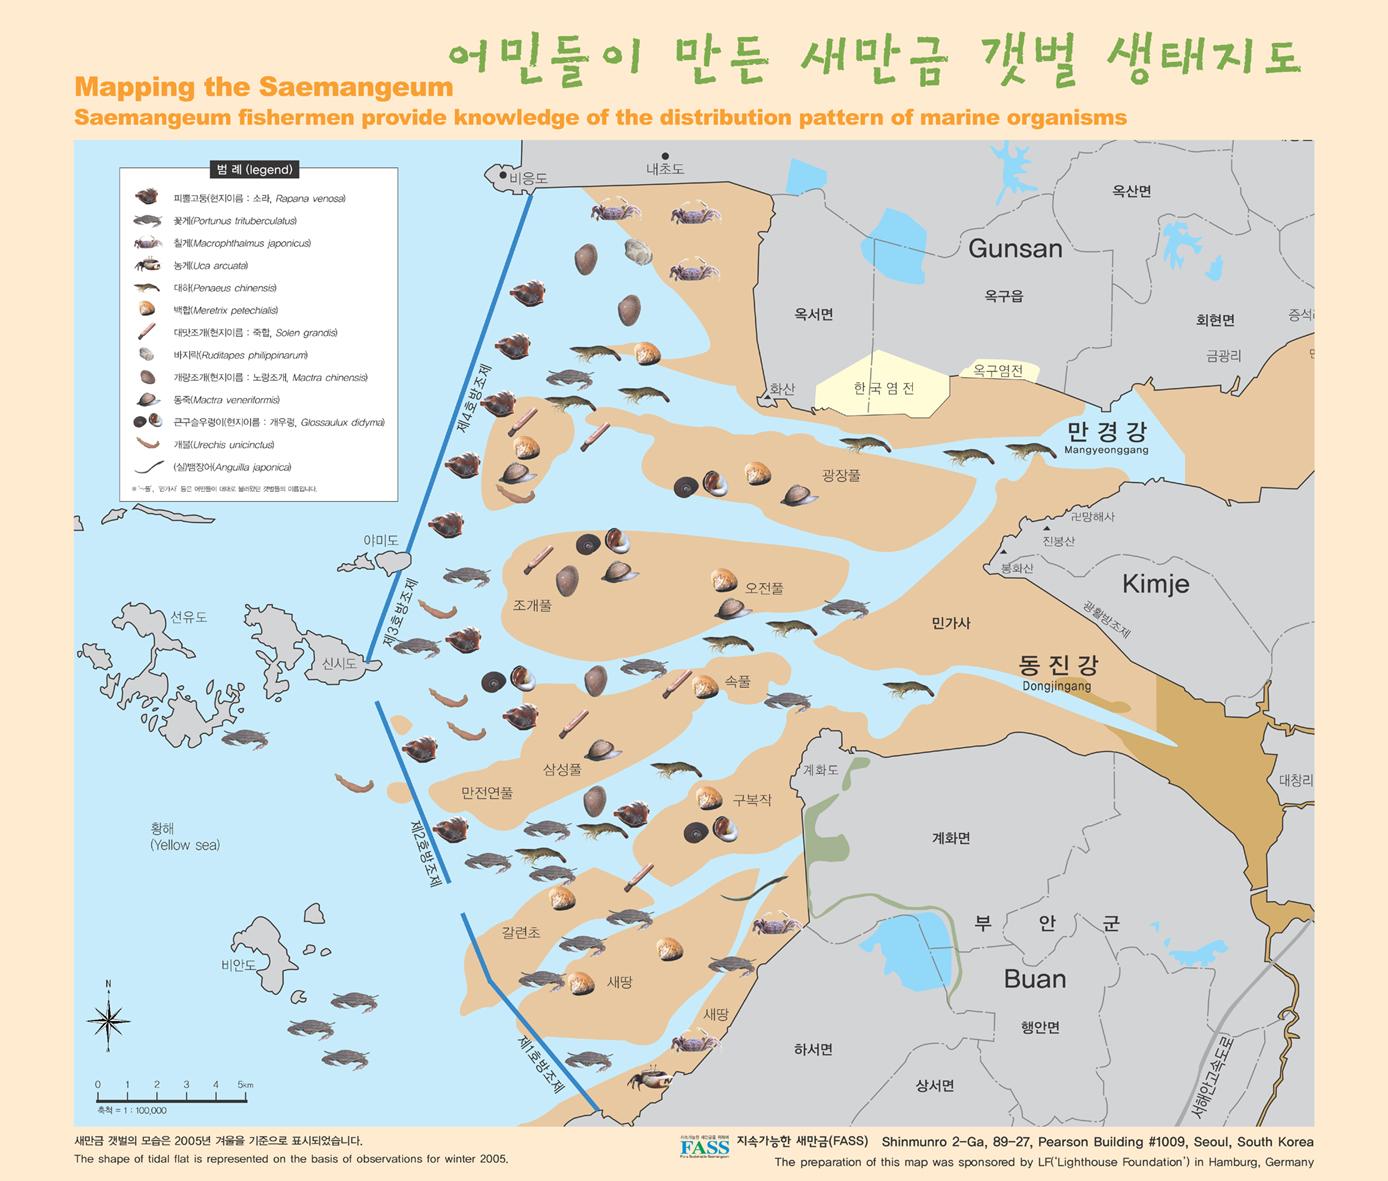 새만금생태지도_시민환경연구소.jpg